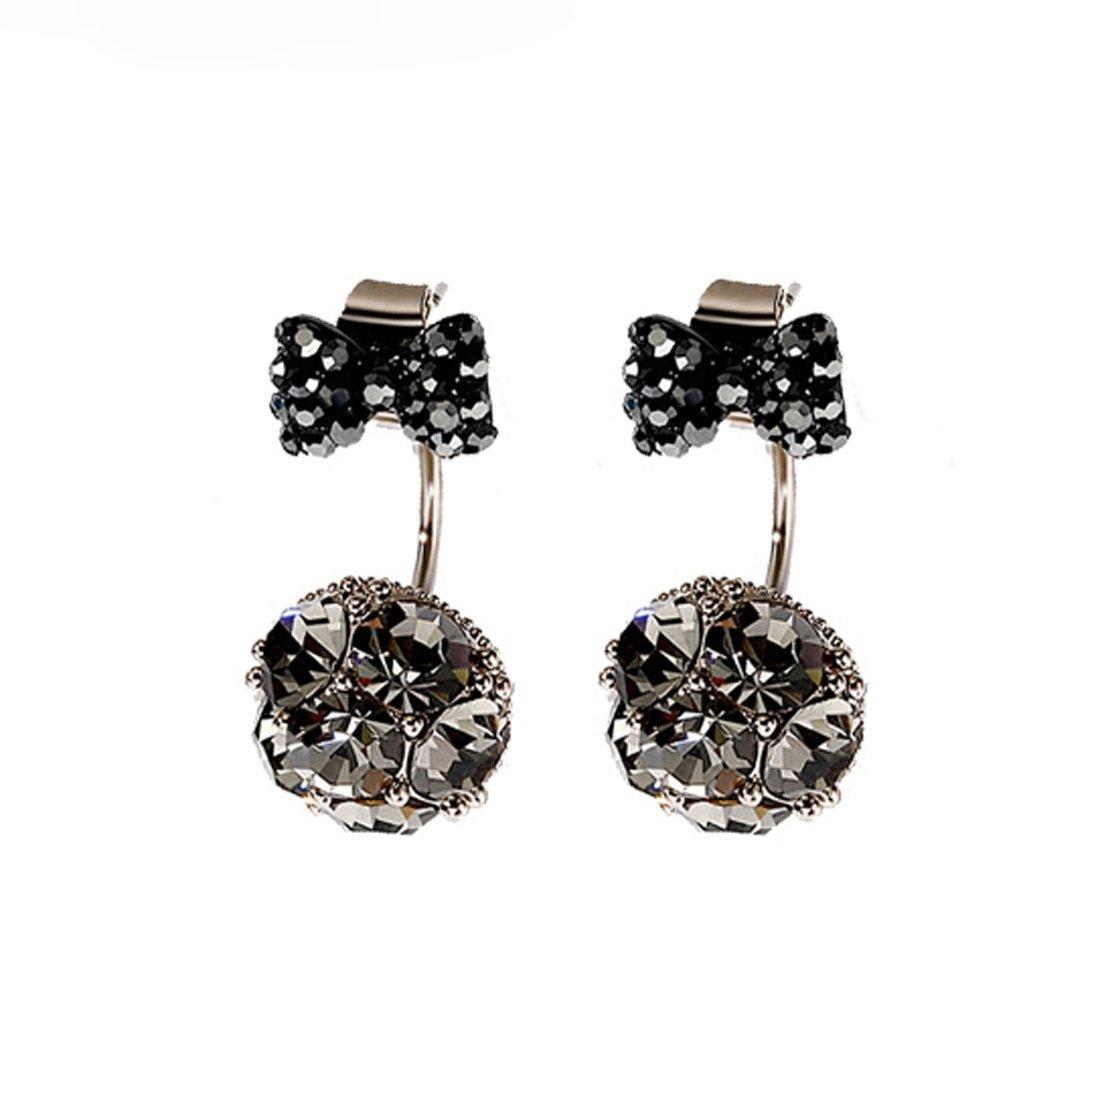 Crystal Earrings Jacket Fashion CZ Stud Earrings for Women Girls DuoTang